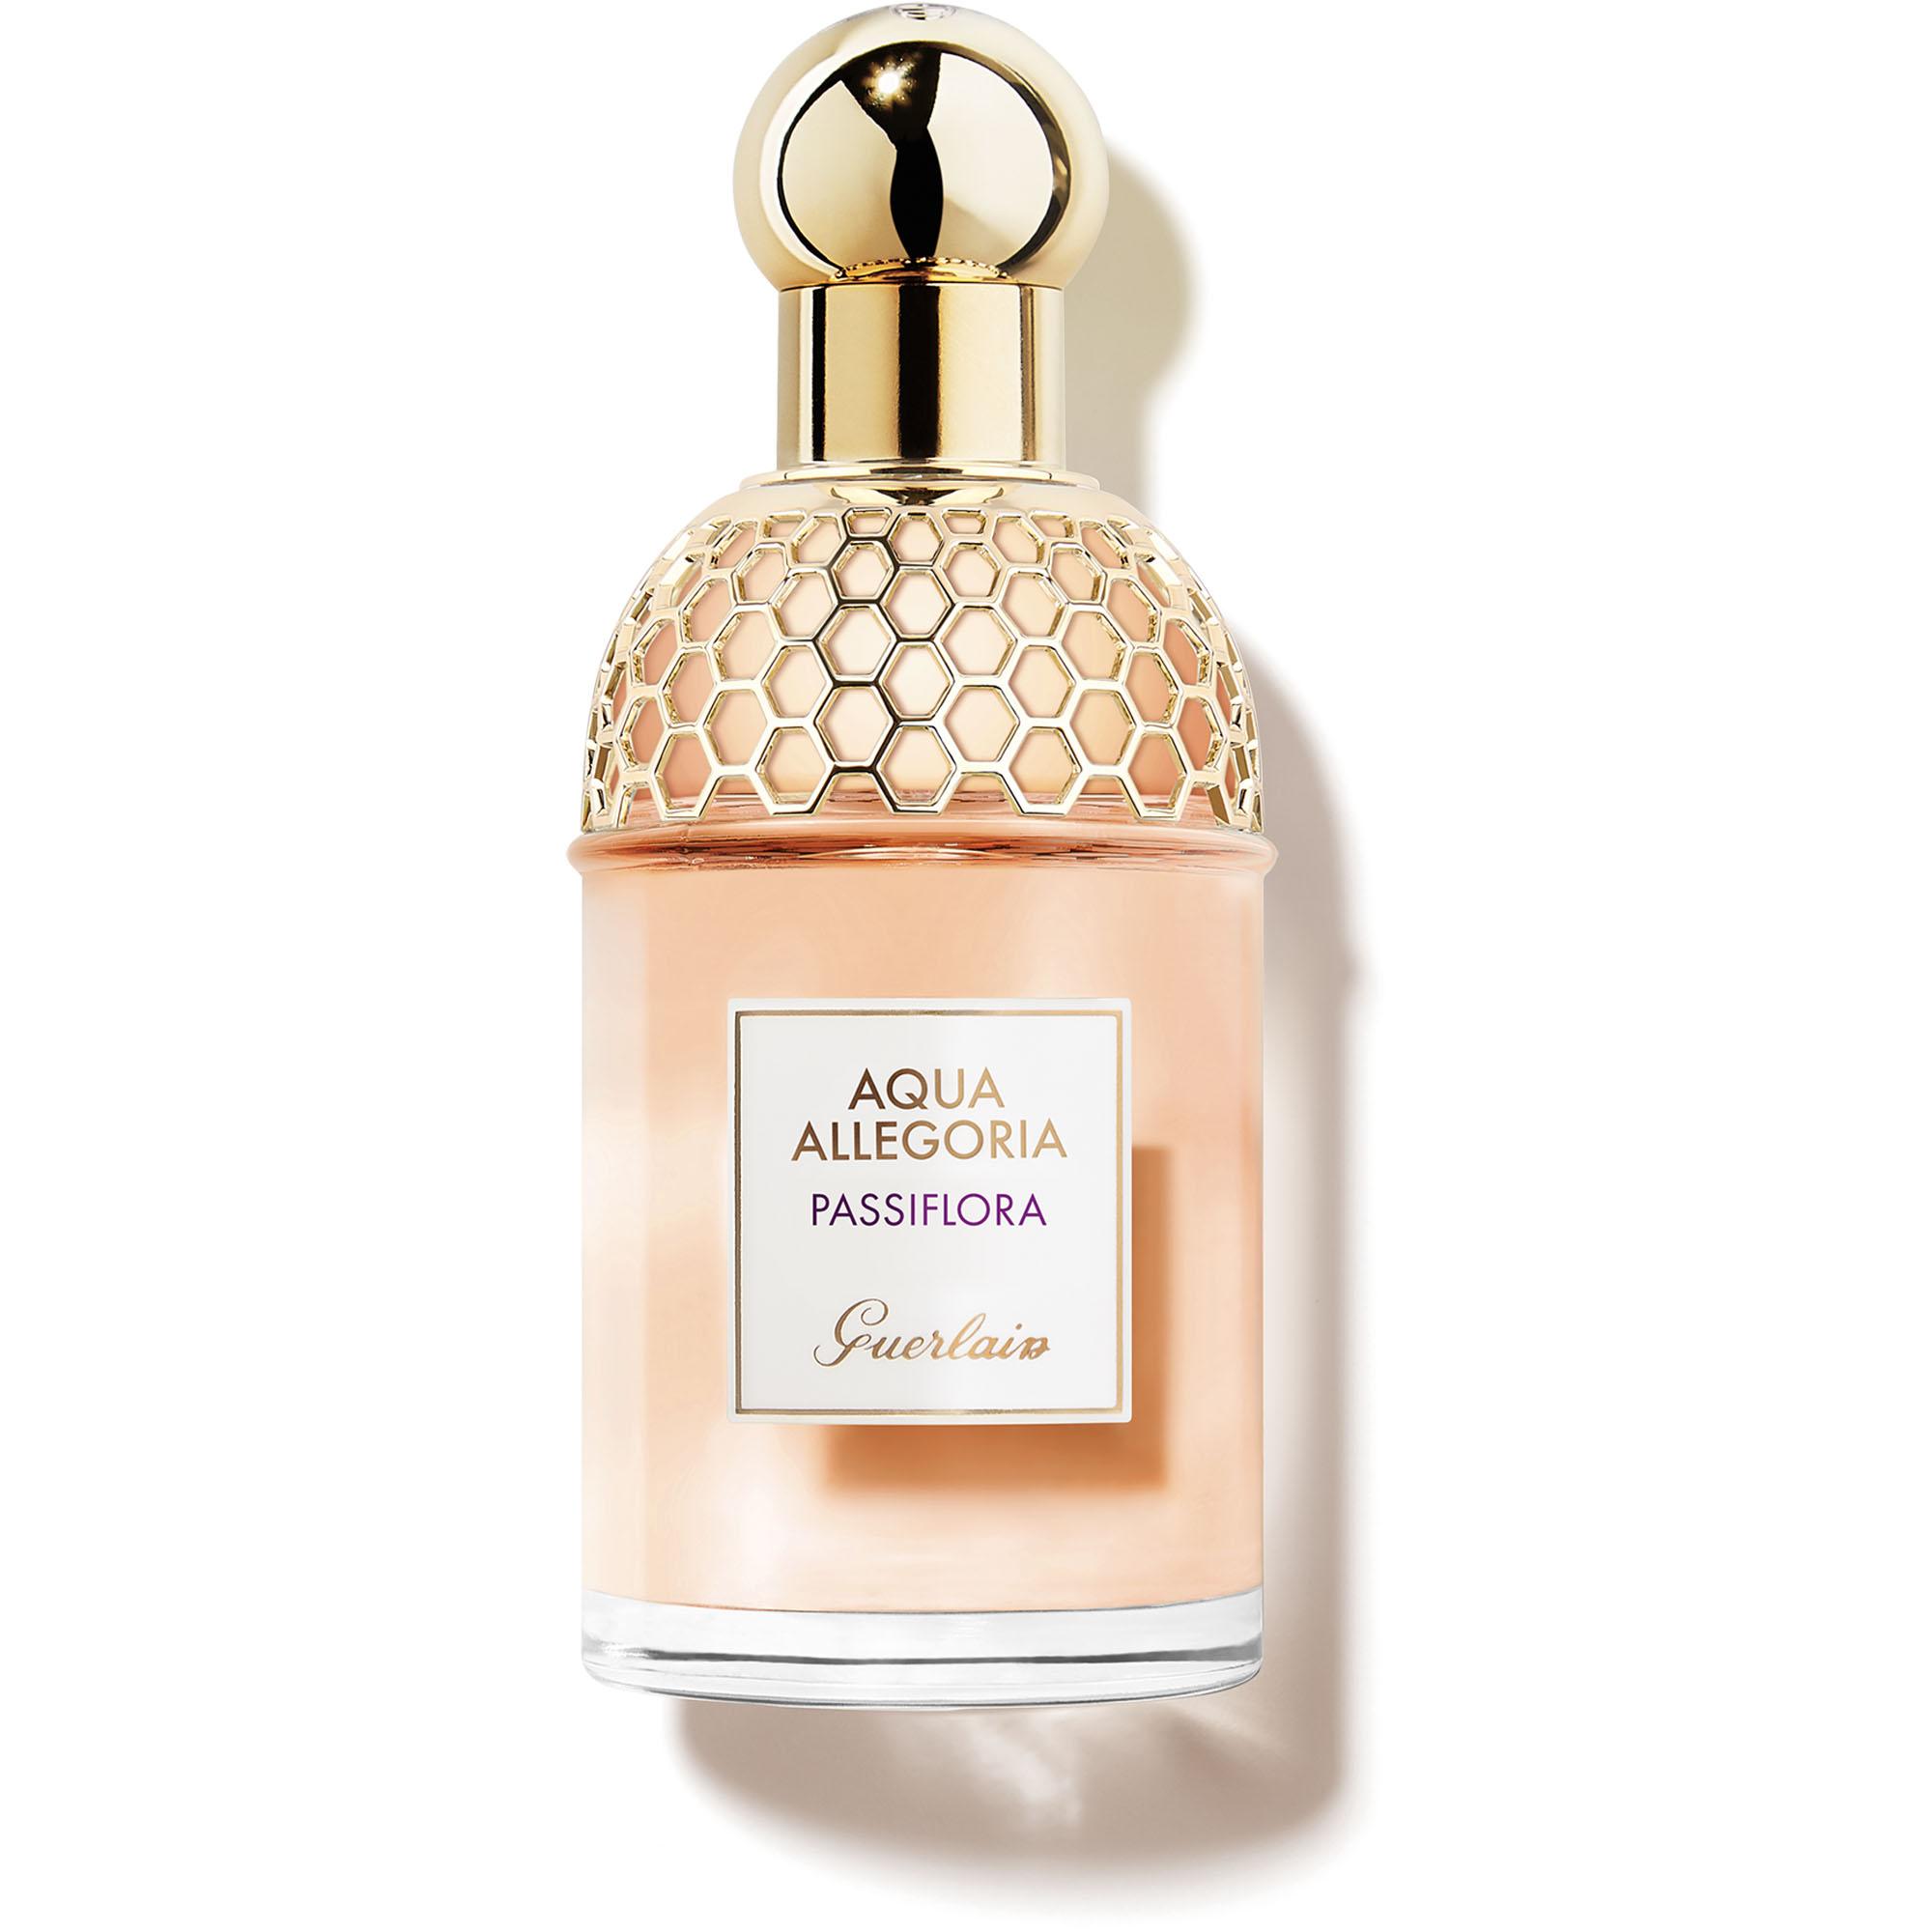 Aqua Allegoria Passiflora Edt 75ml